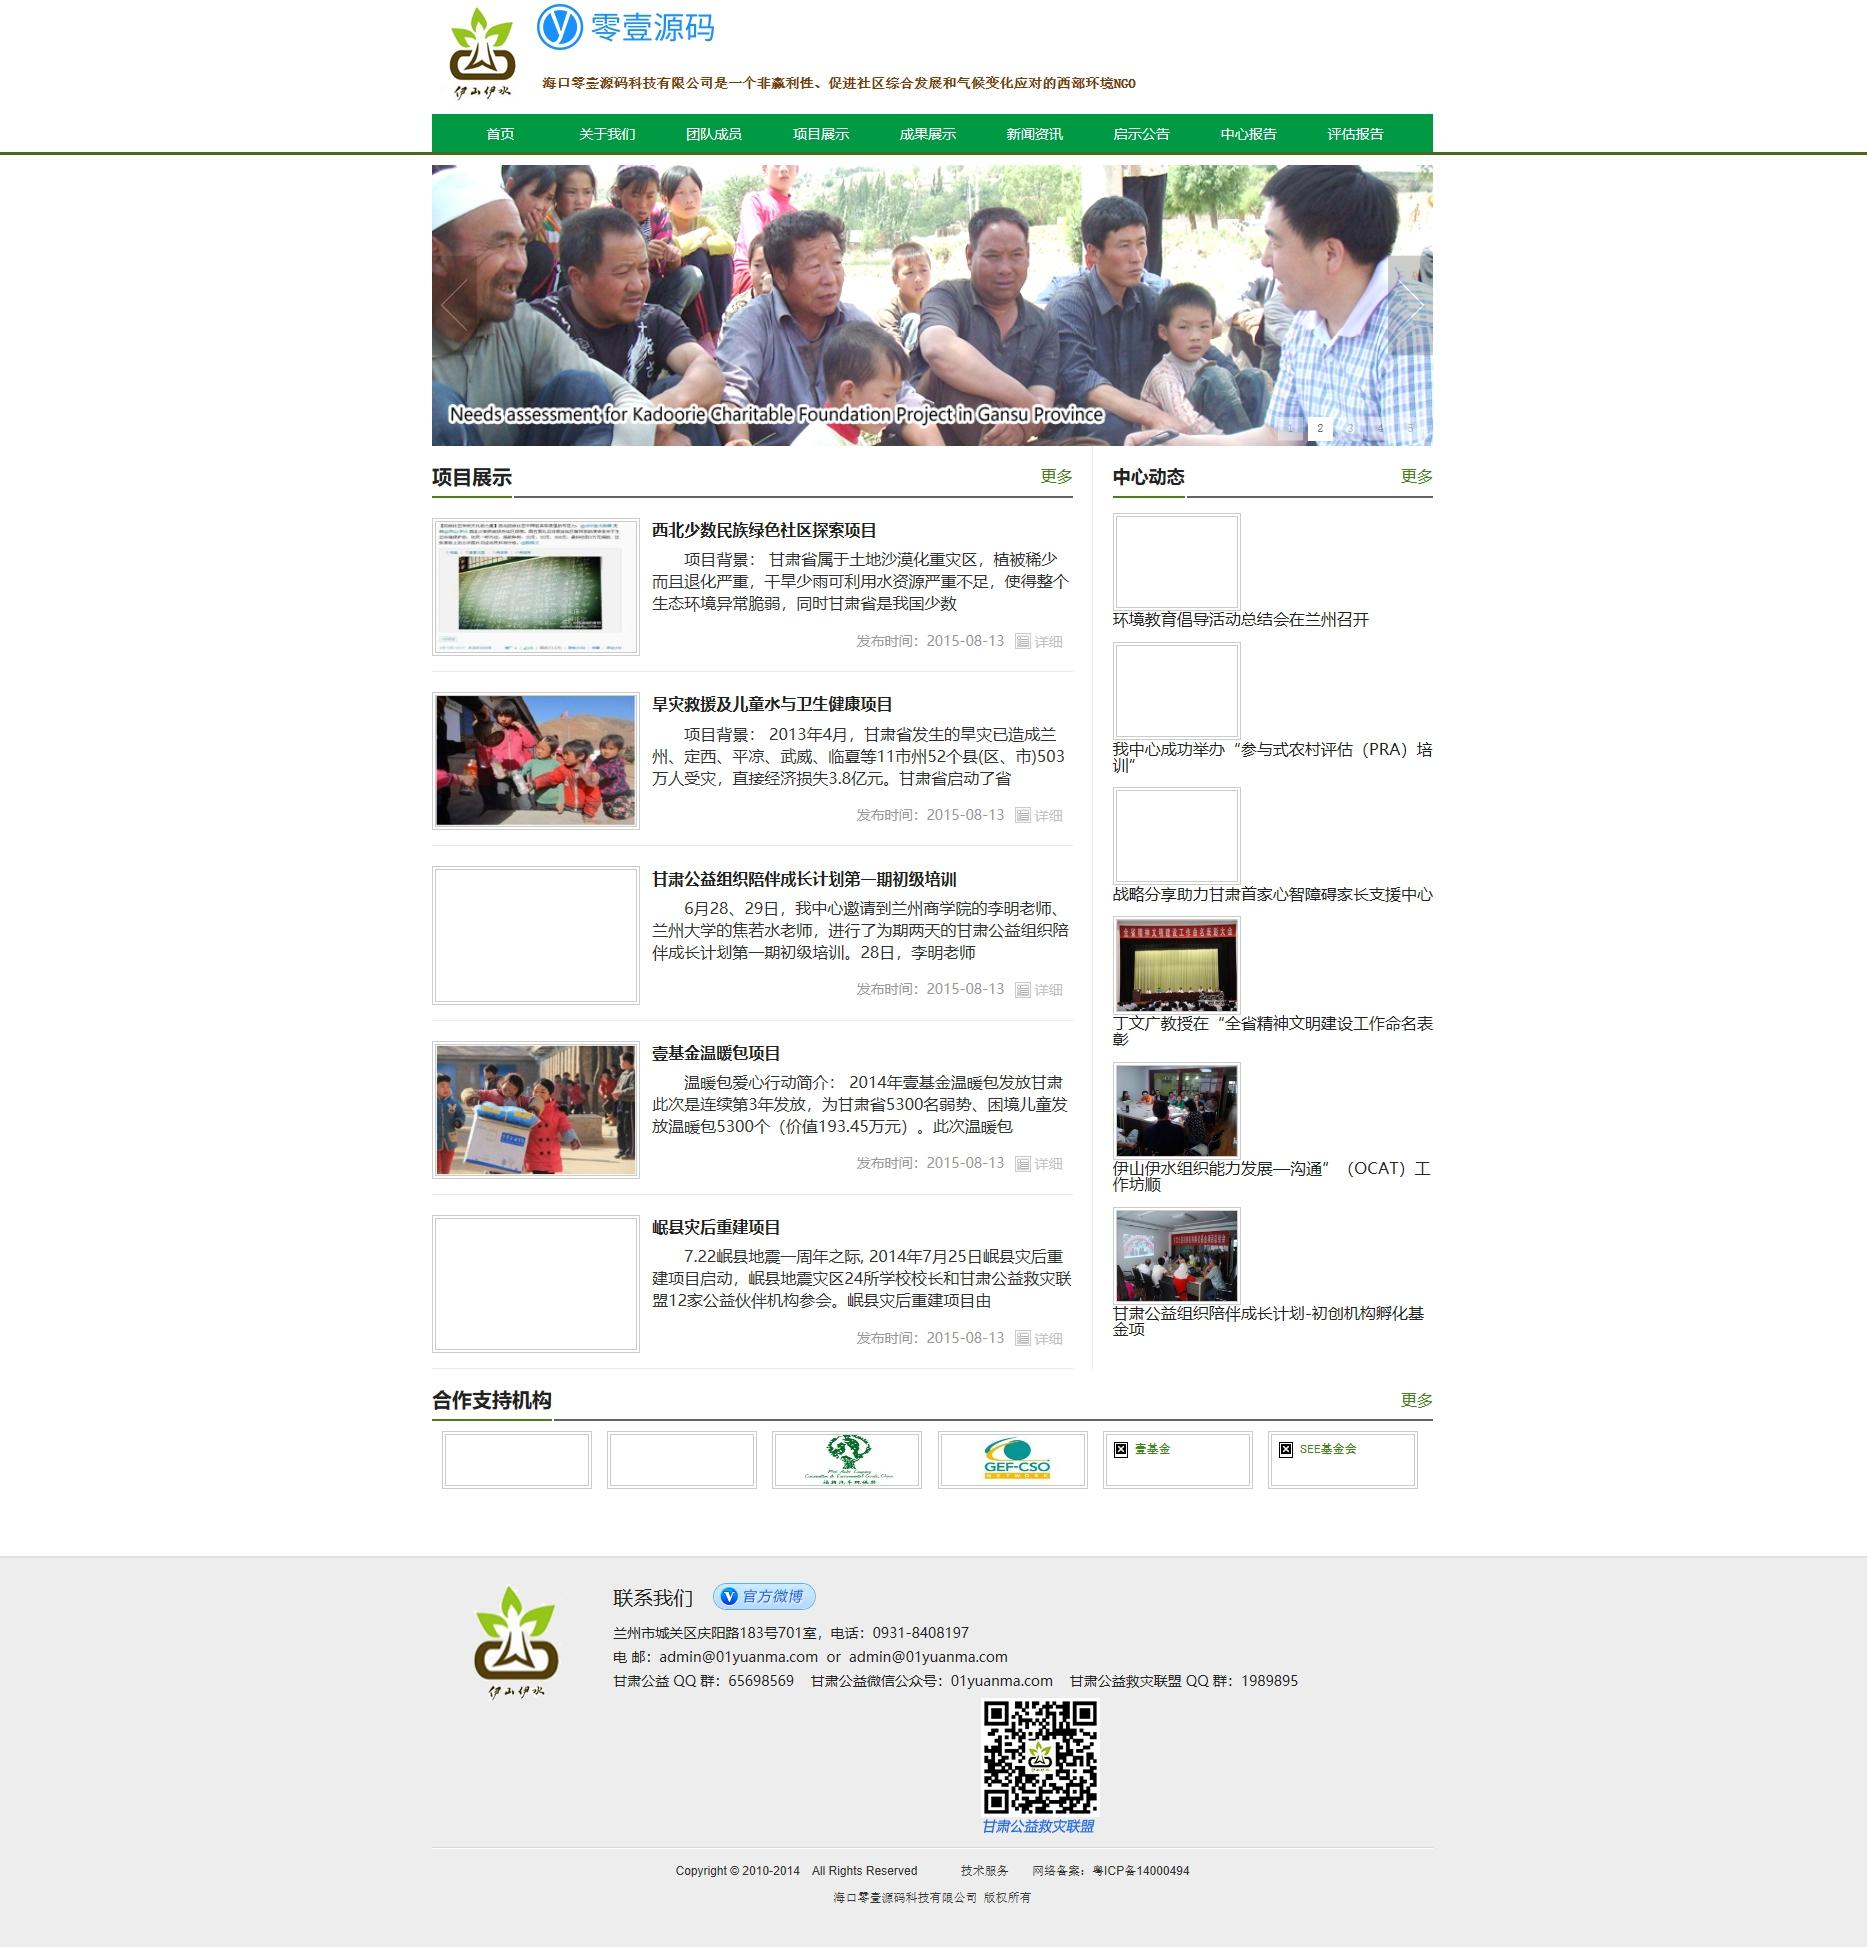 环境与社会发展中心部门企业网站织梦dedecms模板